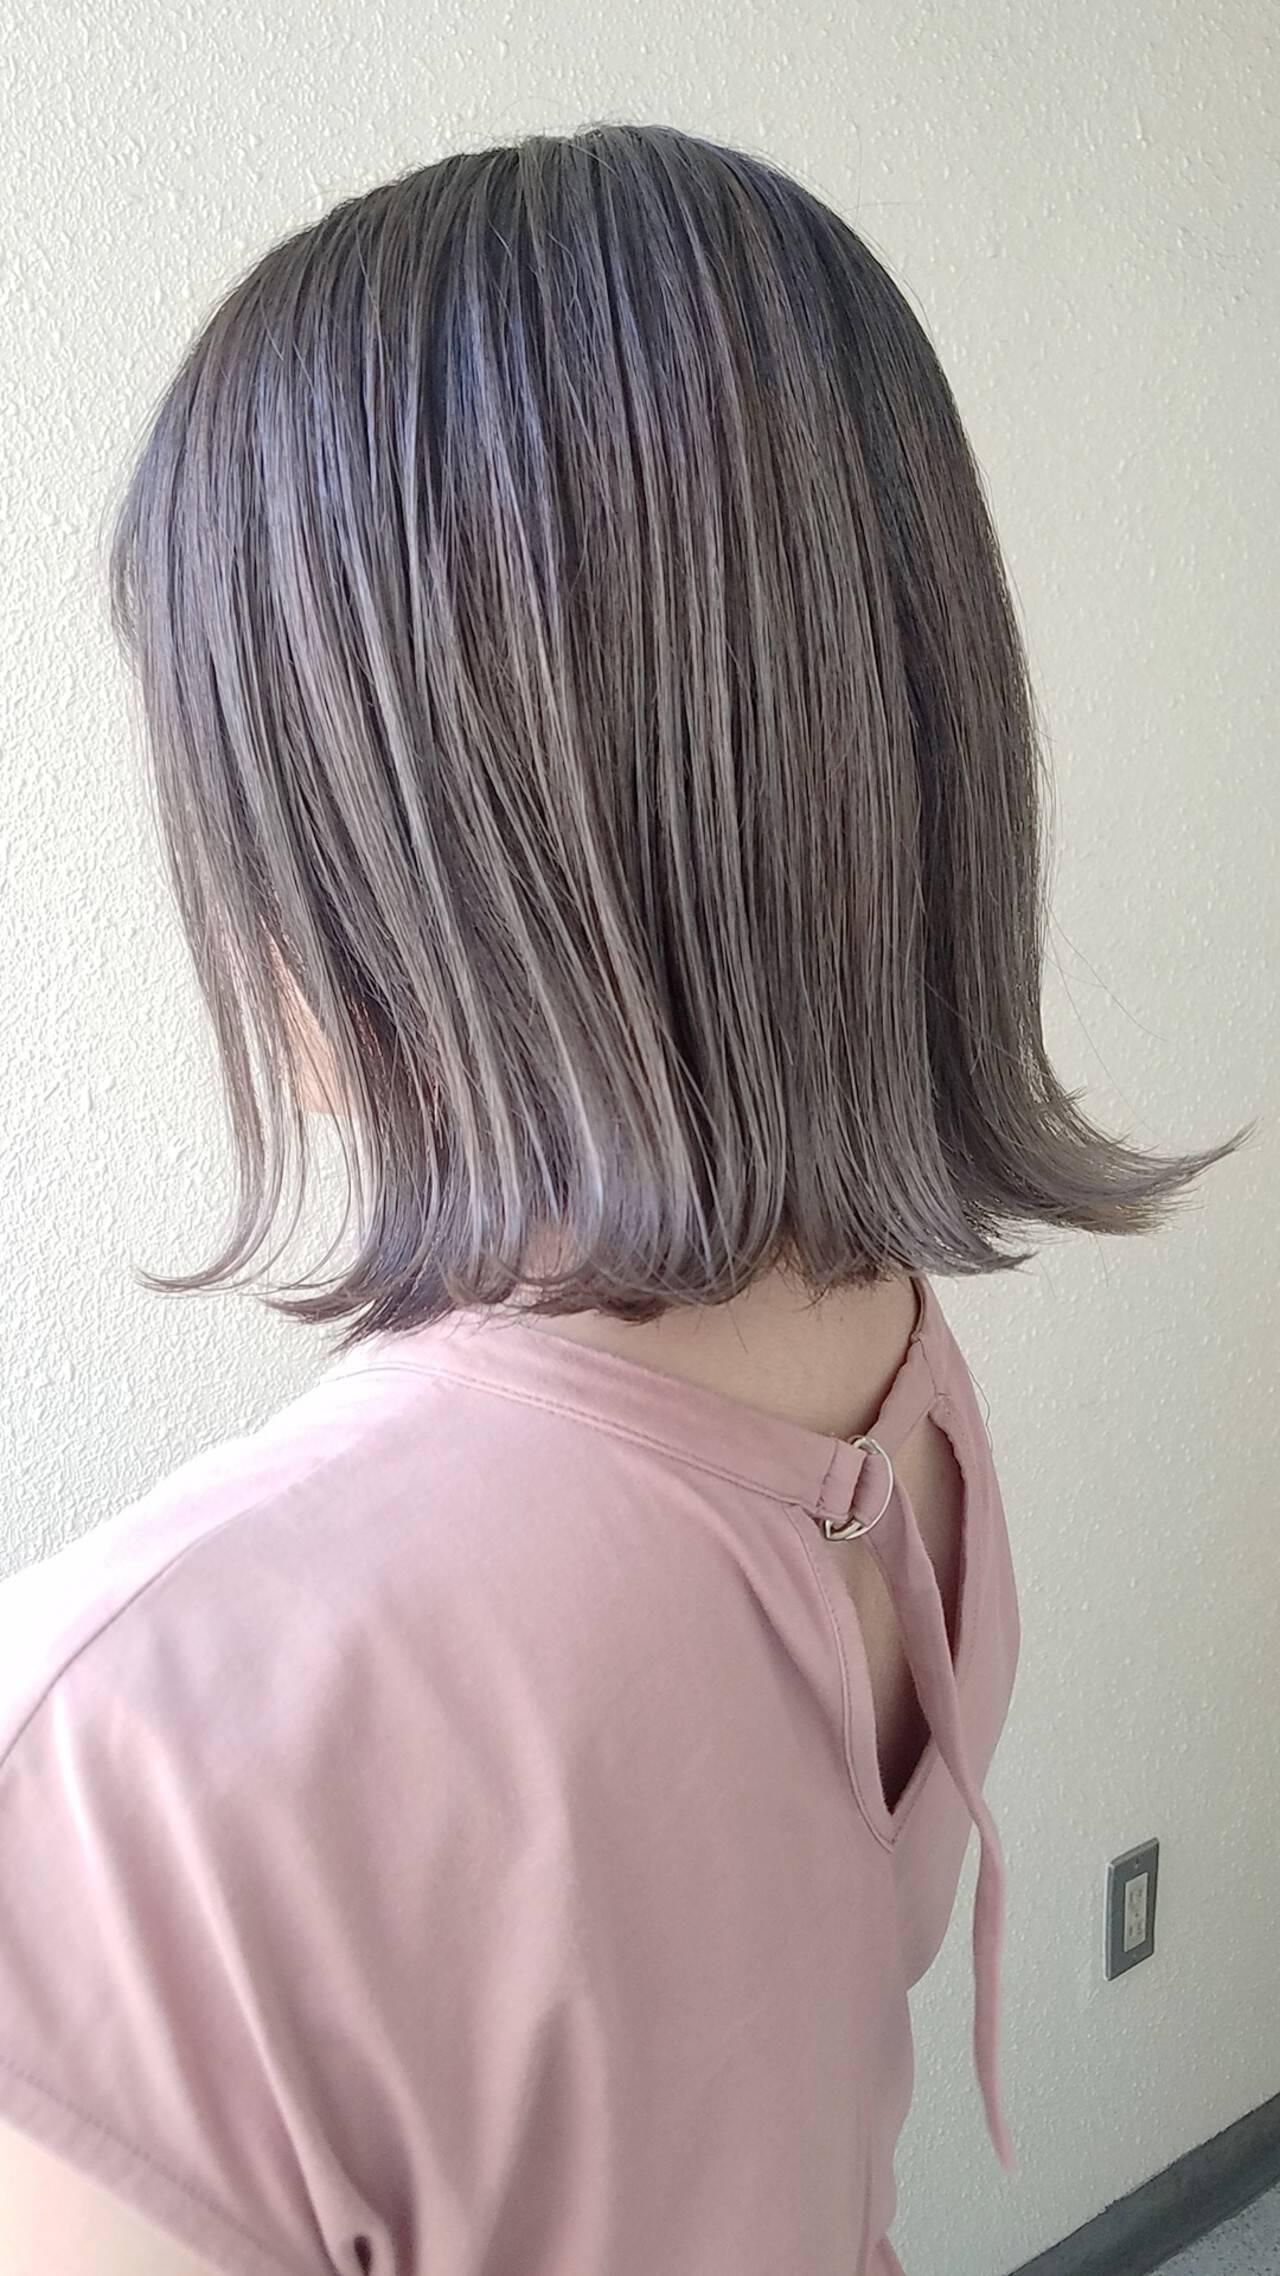 イルミナカラー ミディアム ストリート ミニボブヘアスタイルや髪型の写真・画像